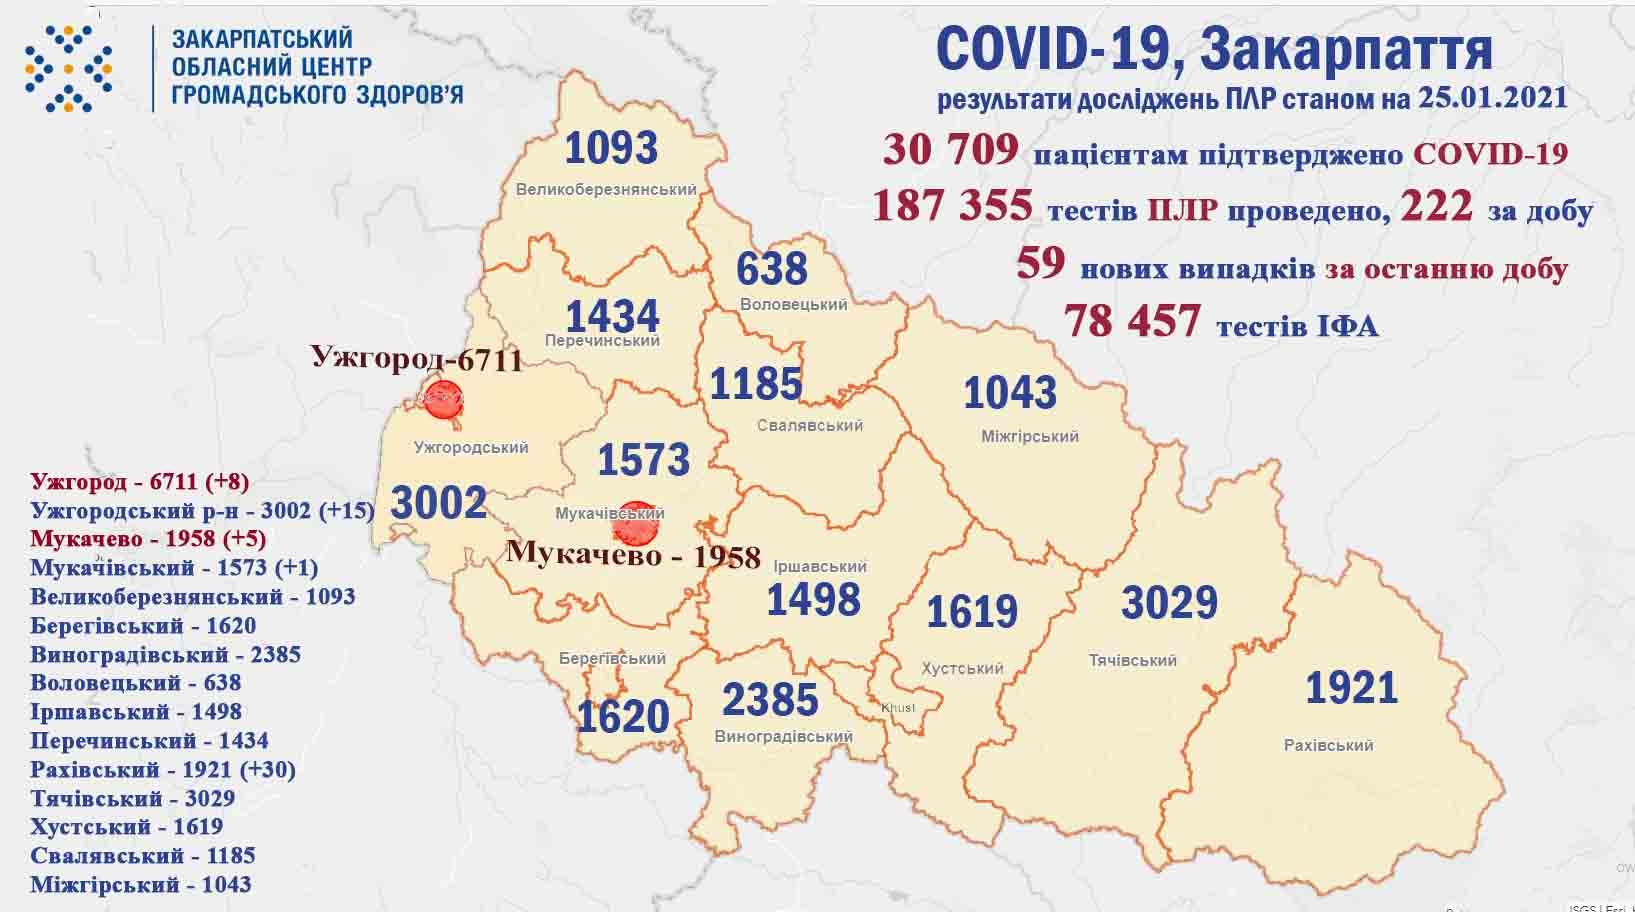 Протягом доби на Закарпатті виявлено 59 випадків COVID-19